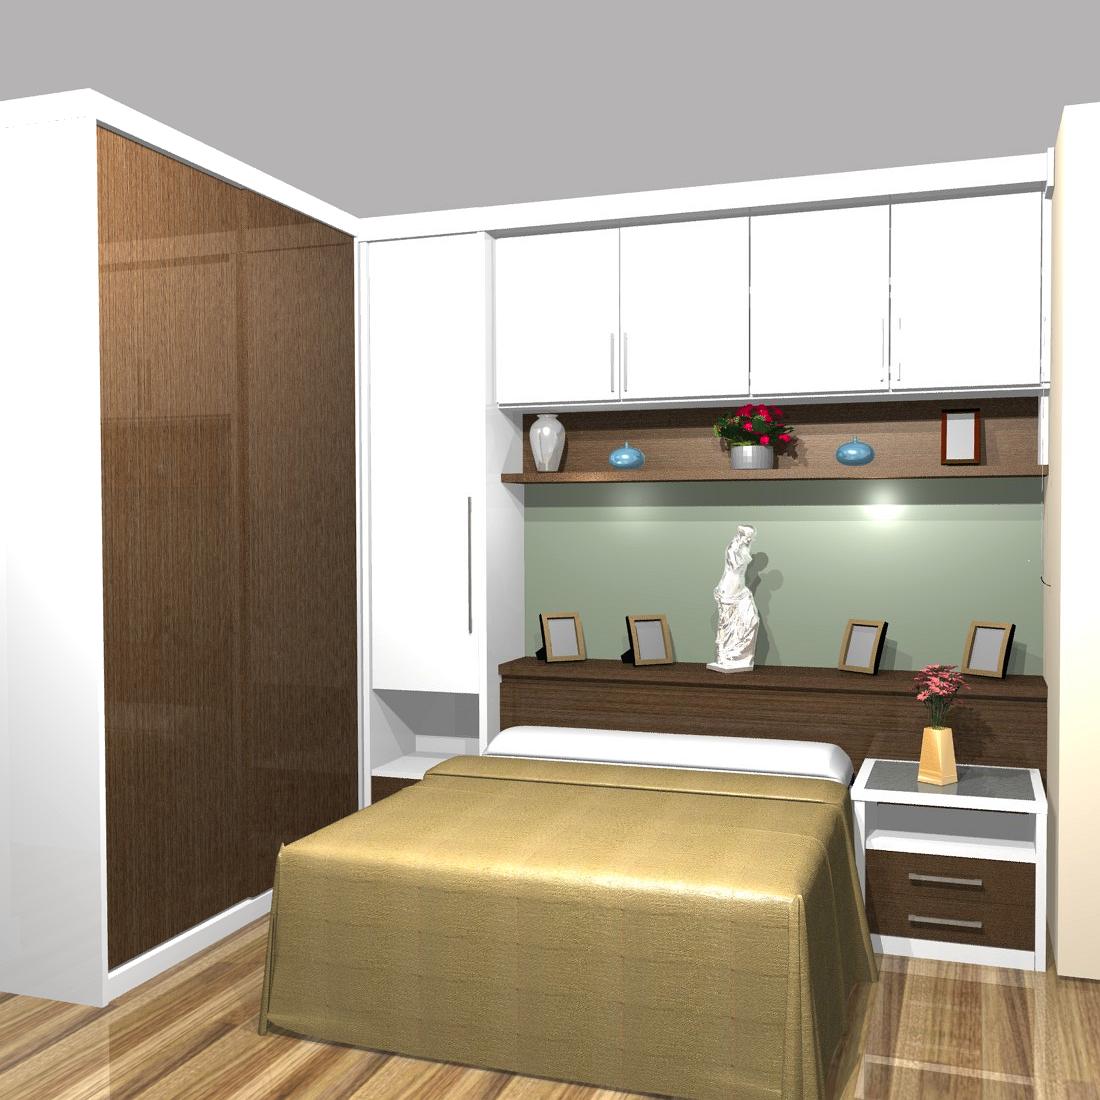 armarios planejados quarto menina bebe moveis cozinha marcenaria painel tv lcd closet indos modernos jovem Chic famosos decorado pisos